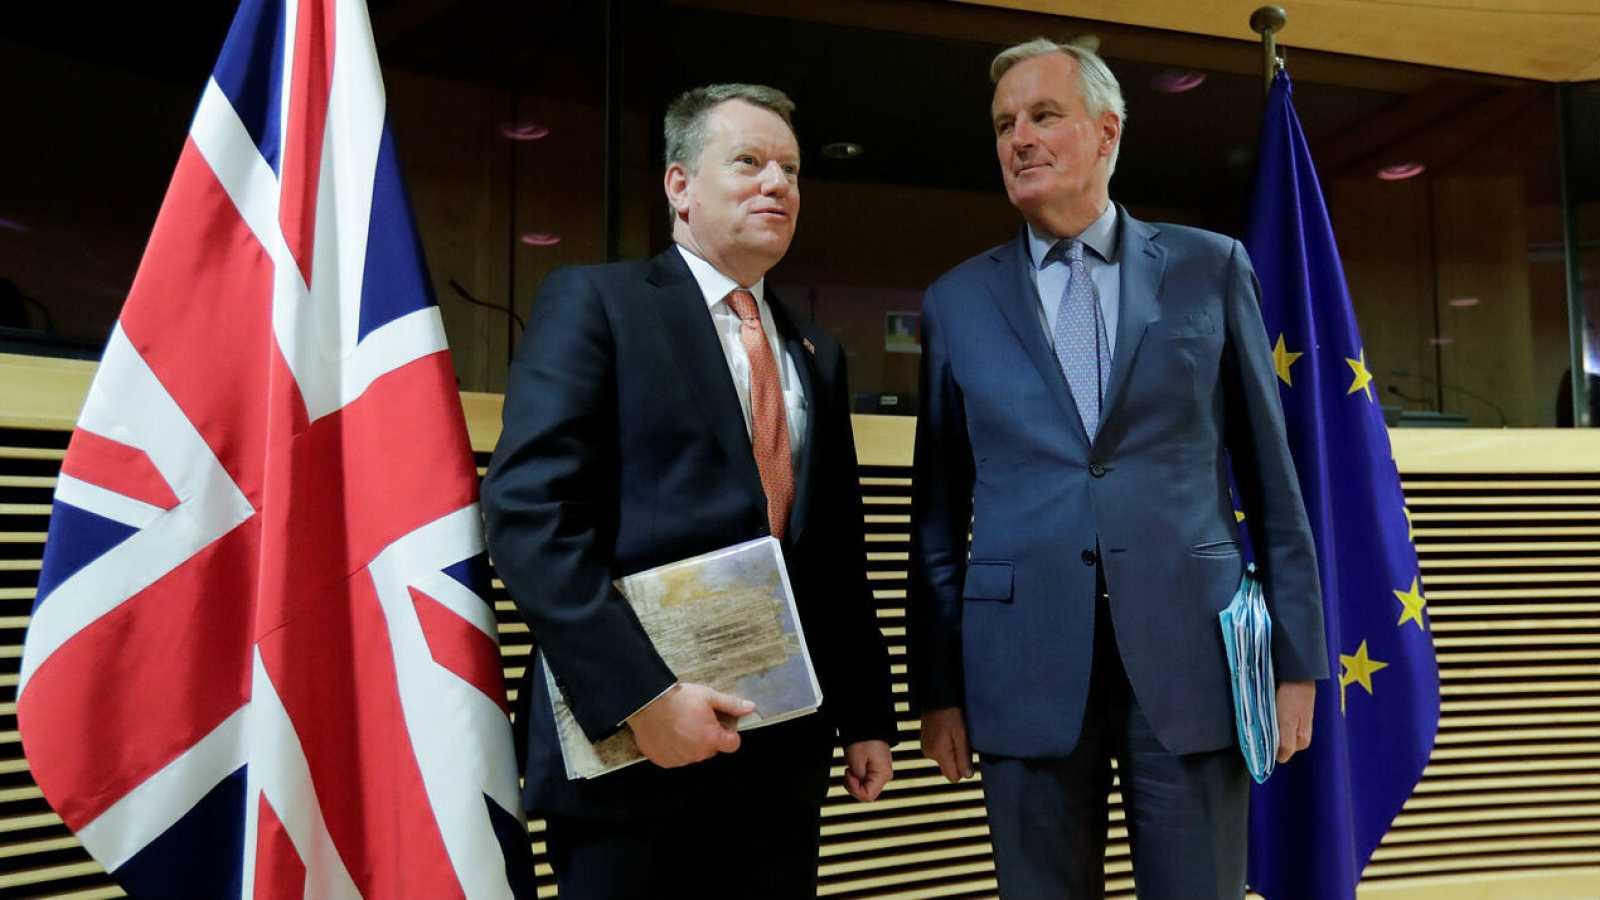 Los negociadores del Reino Unido, David Frost y de la Unión Europea Michel Barnier, durante el primer encuentro para la negociación de ambos tras el Brexit.